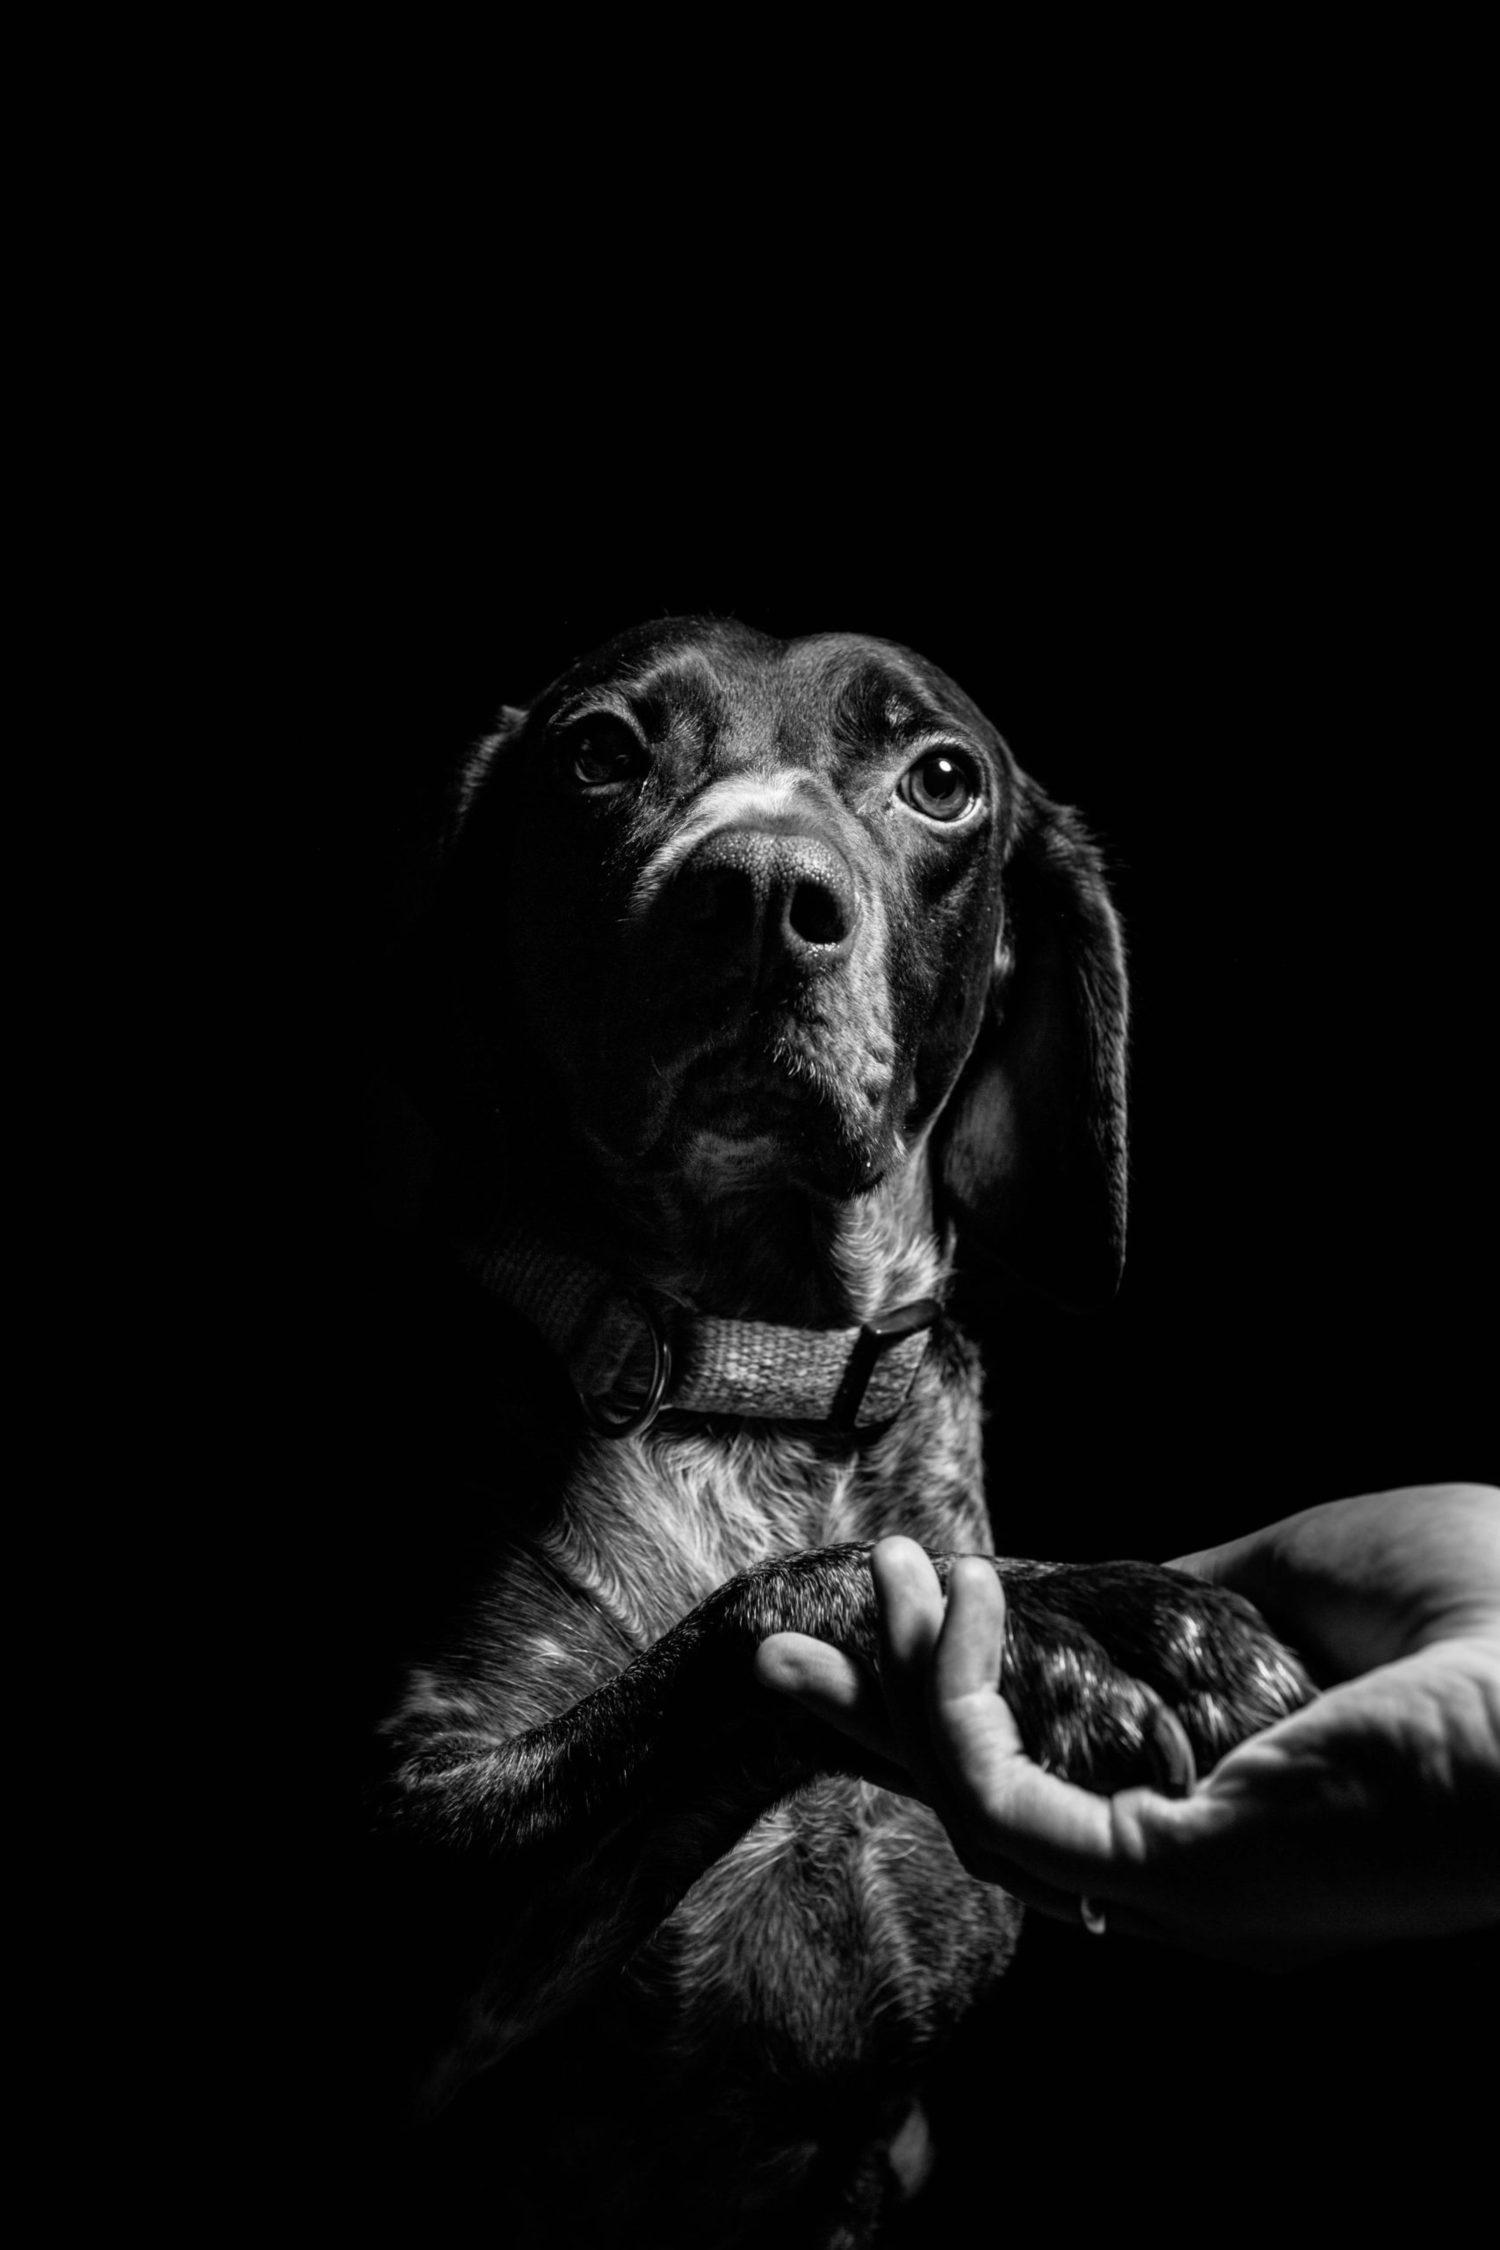 Perro fotografiado en clave baja